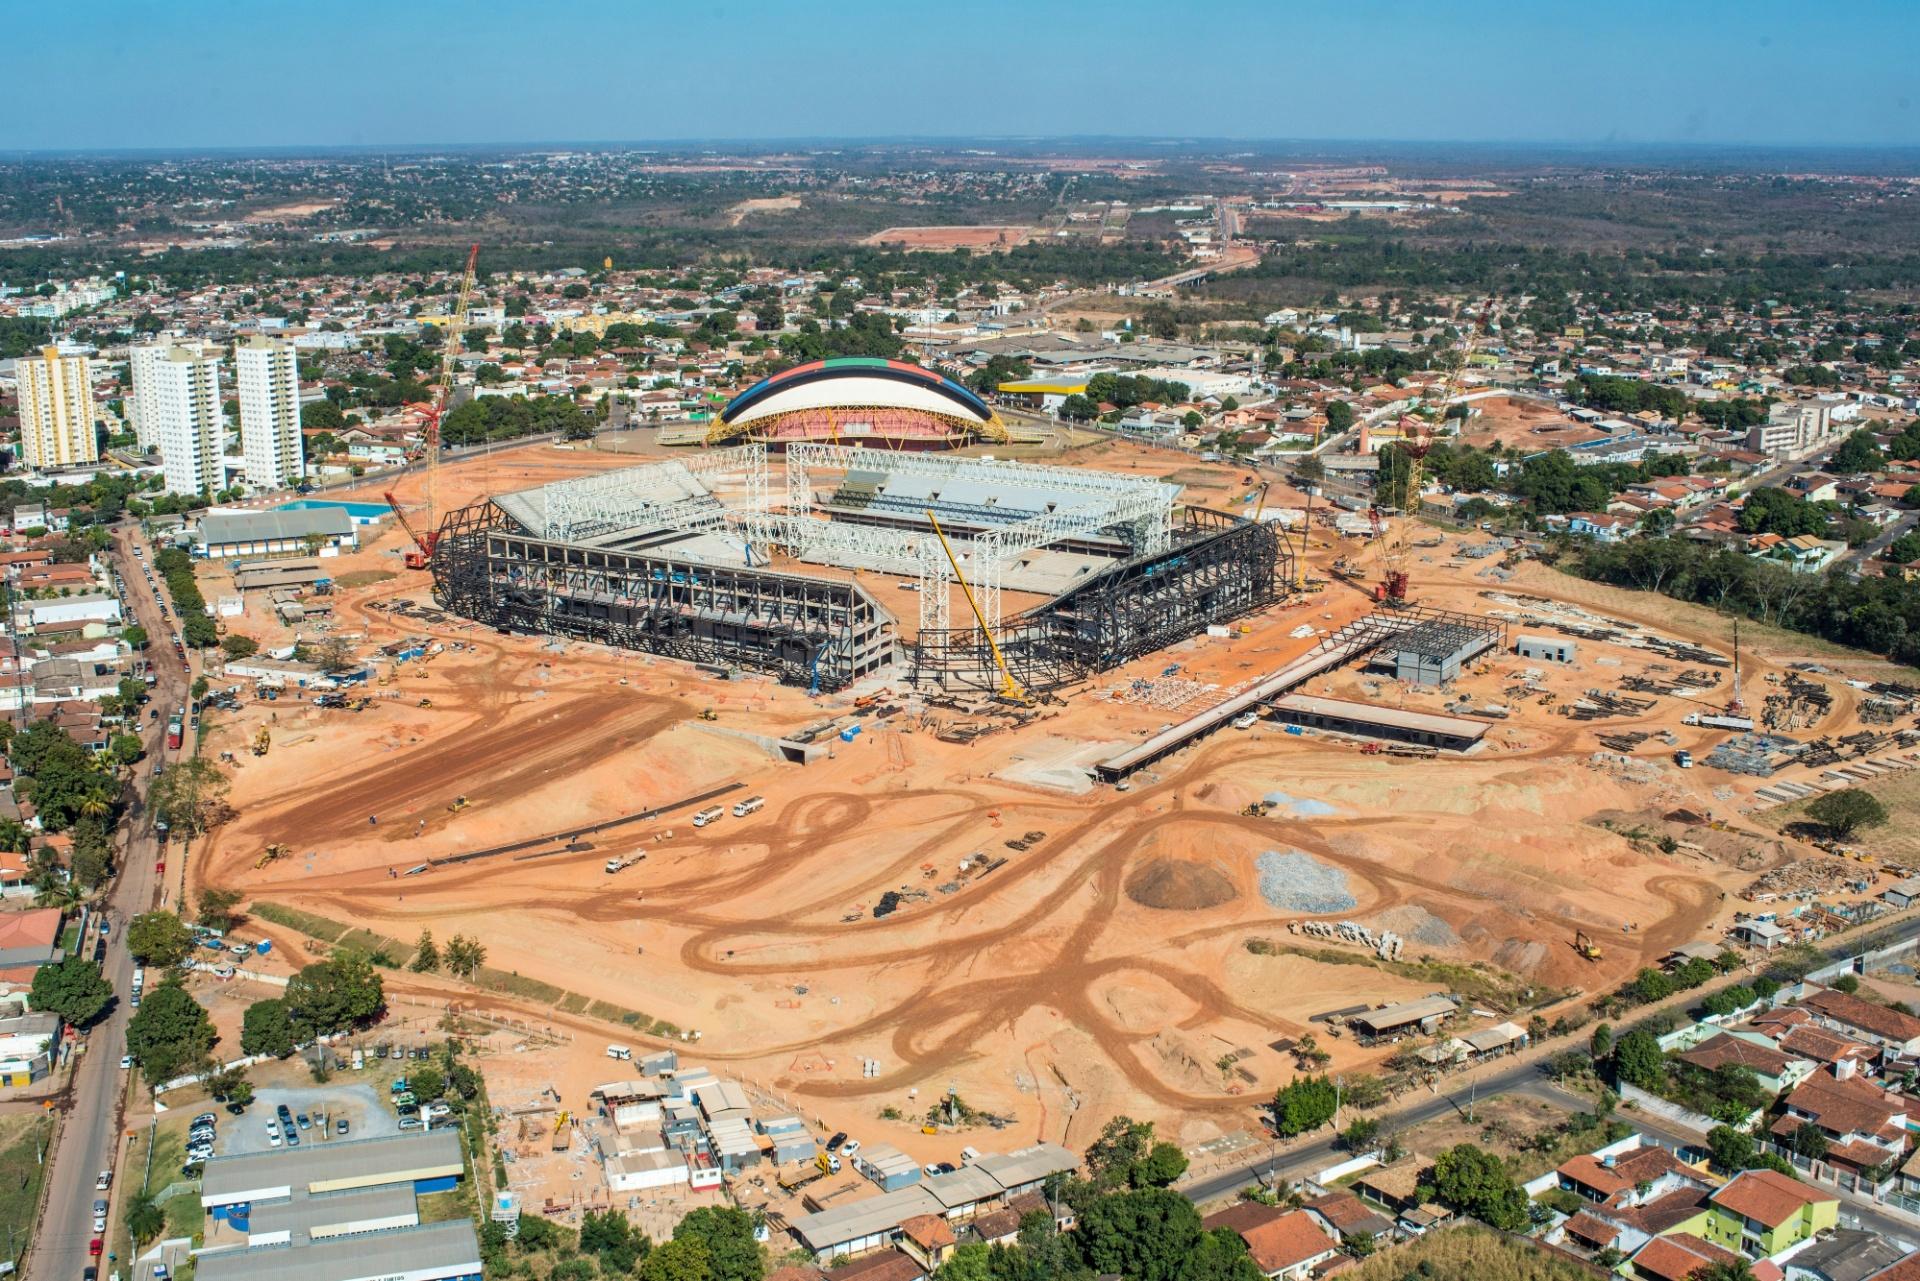 15.ago.2013 - Obras da Arena Pantanal chegam a 80% de conclusão, segundo governo do Mato Grosso